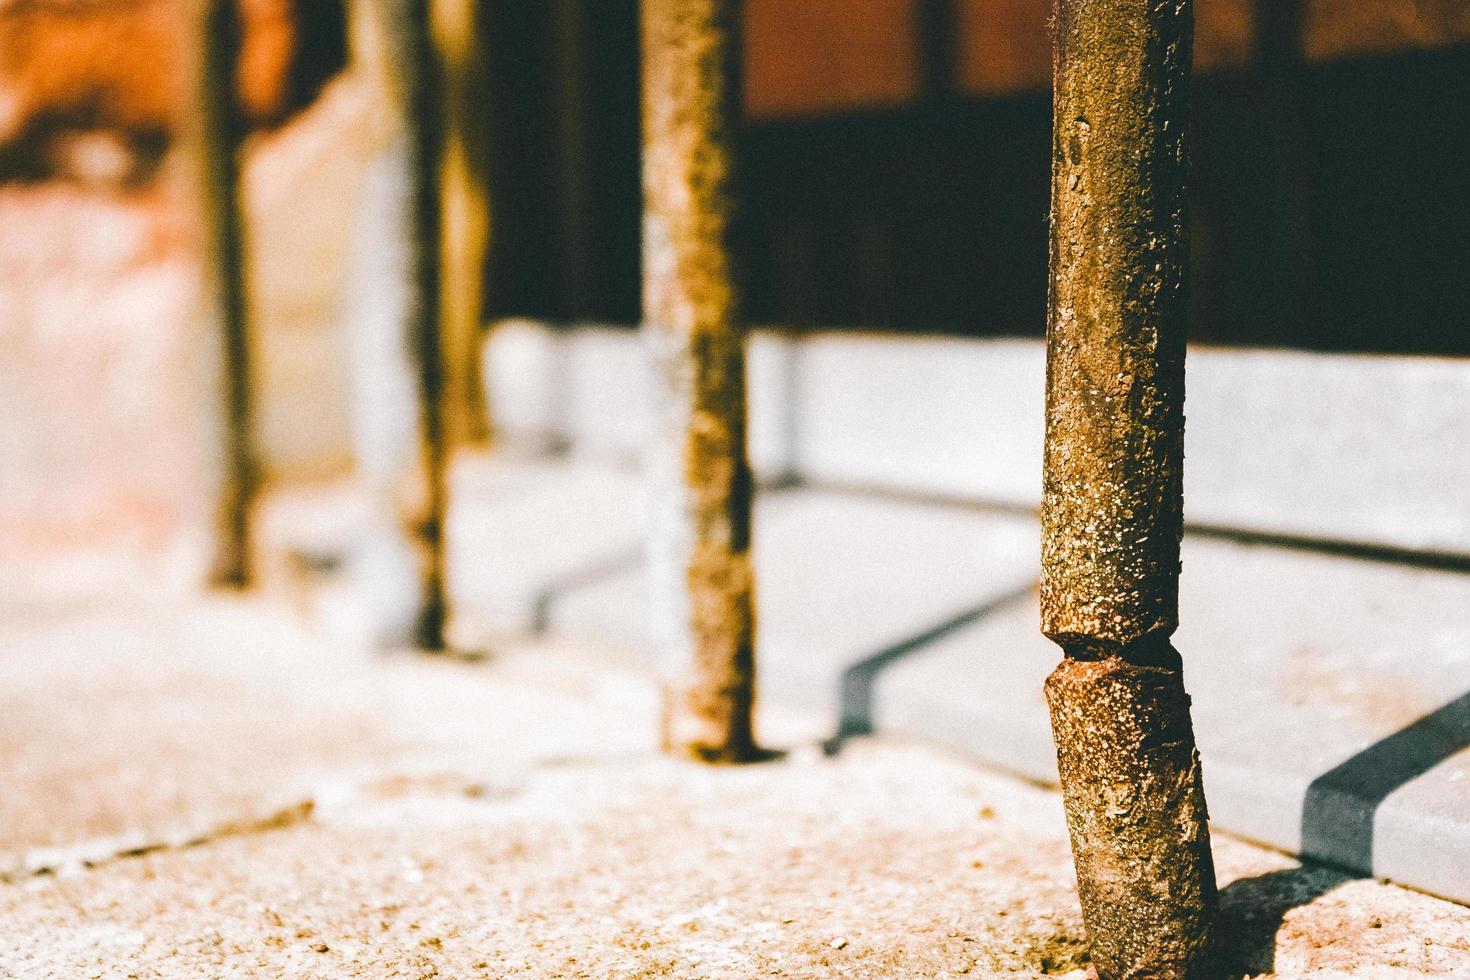 valla de hierro oxidado foto